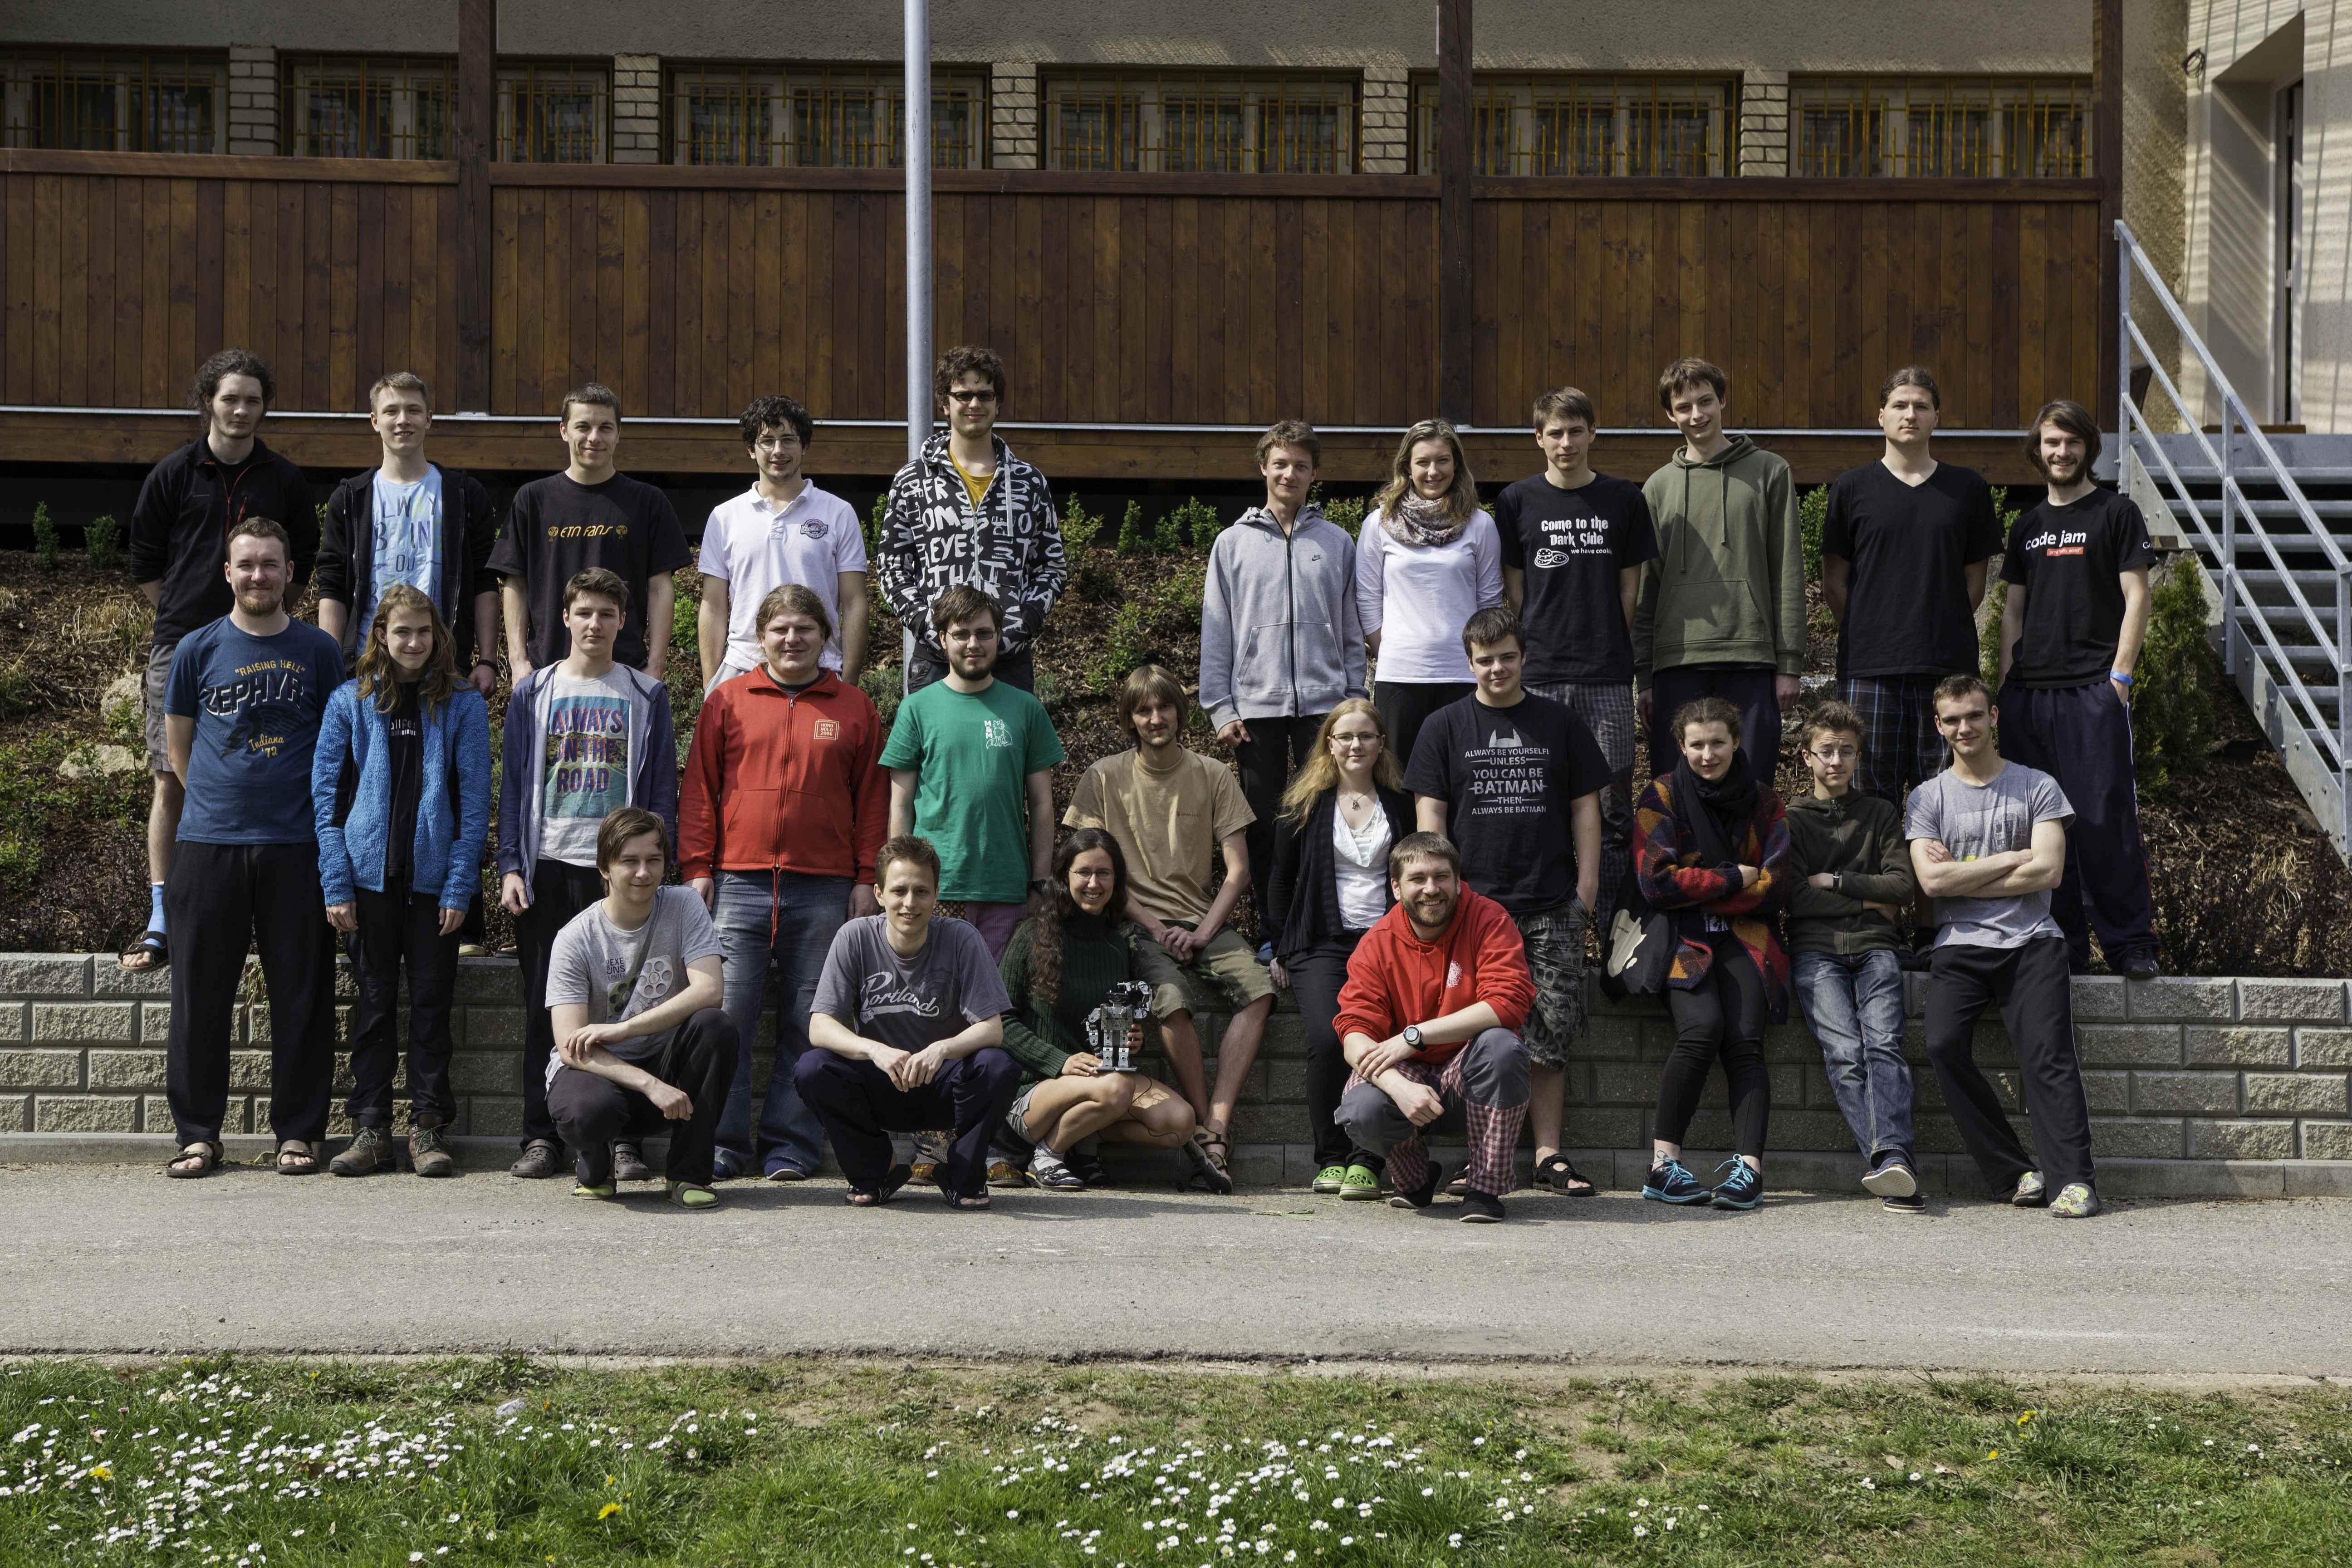 Skupinové foto před ubytovacím střediskem.